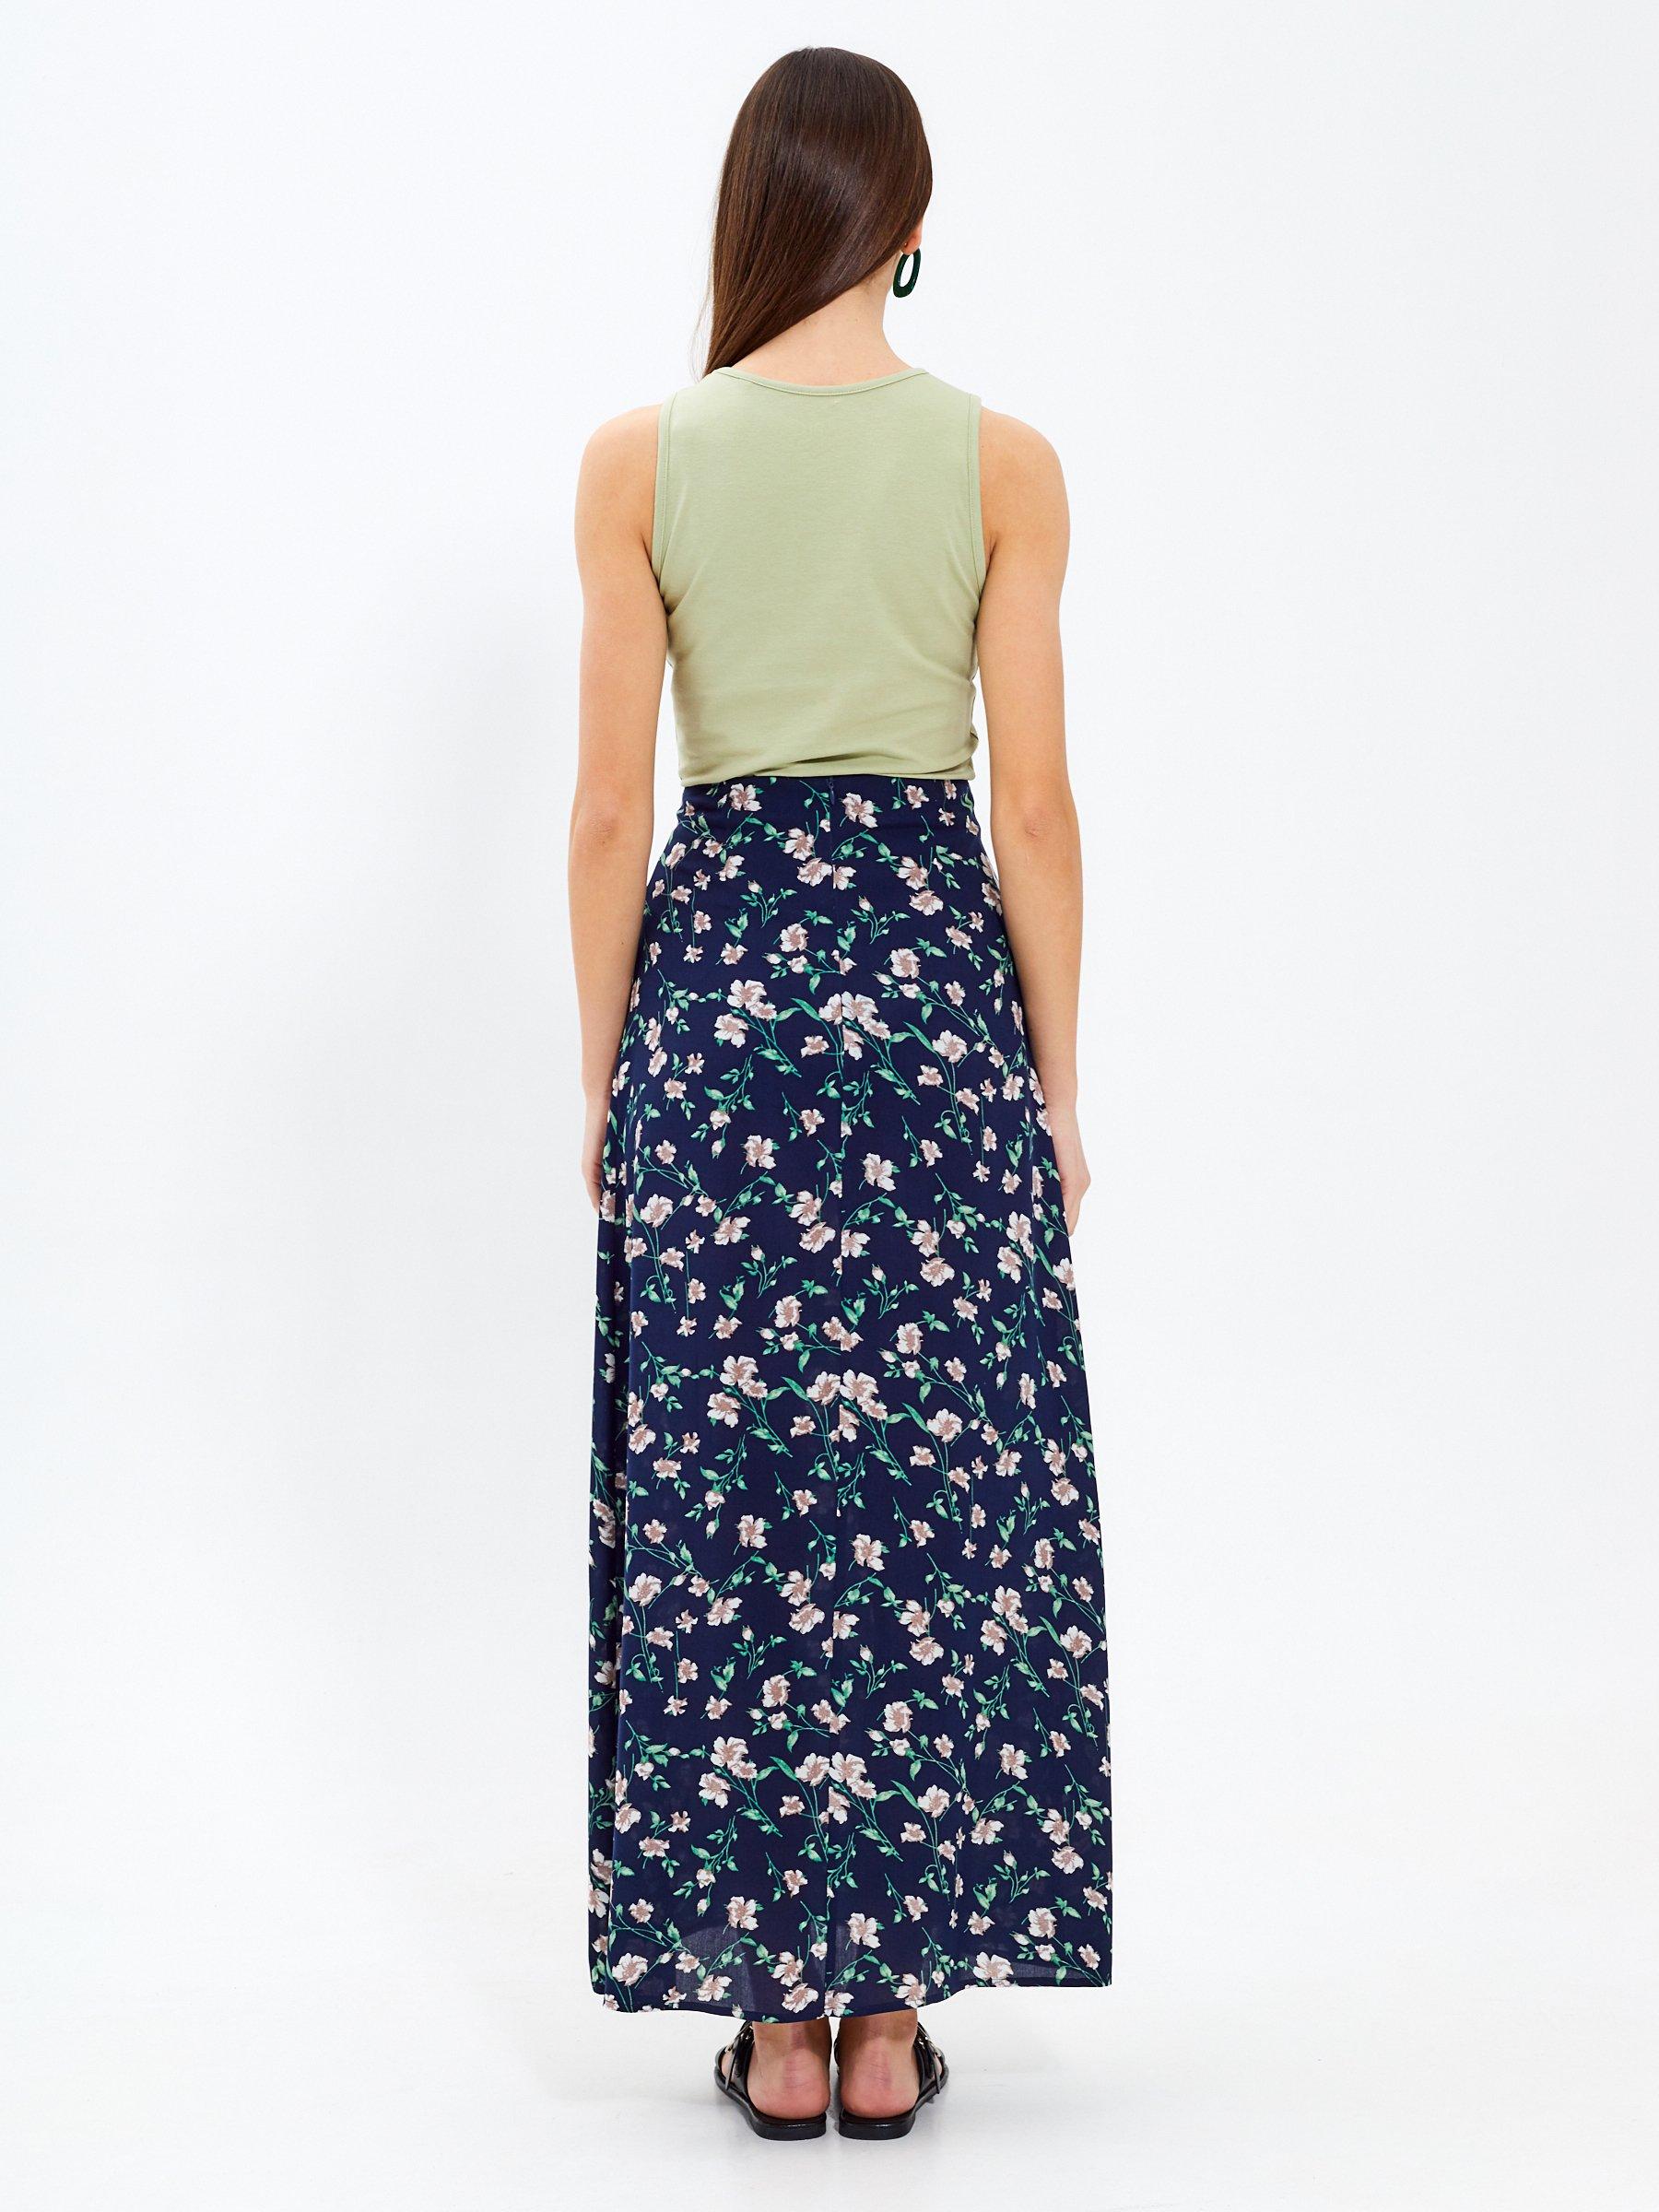 d567911ae118 Dlhá sukňa s kvetinovou potlačou